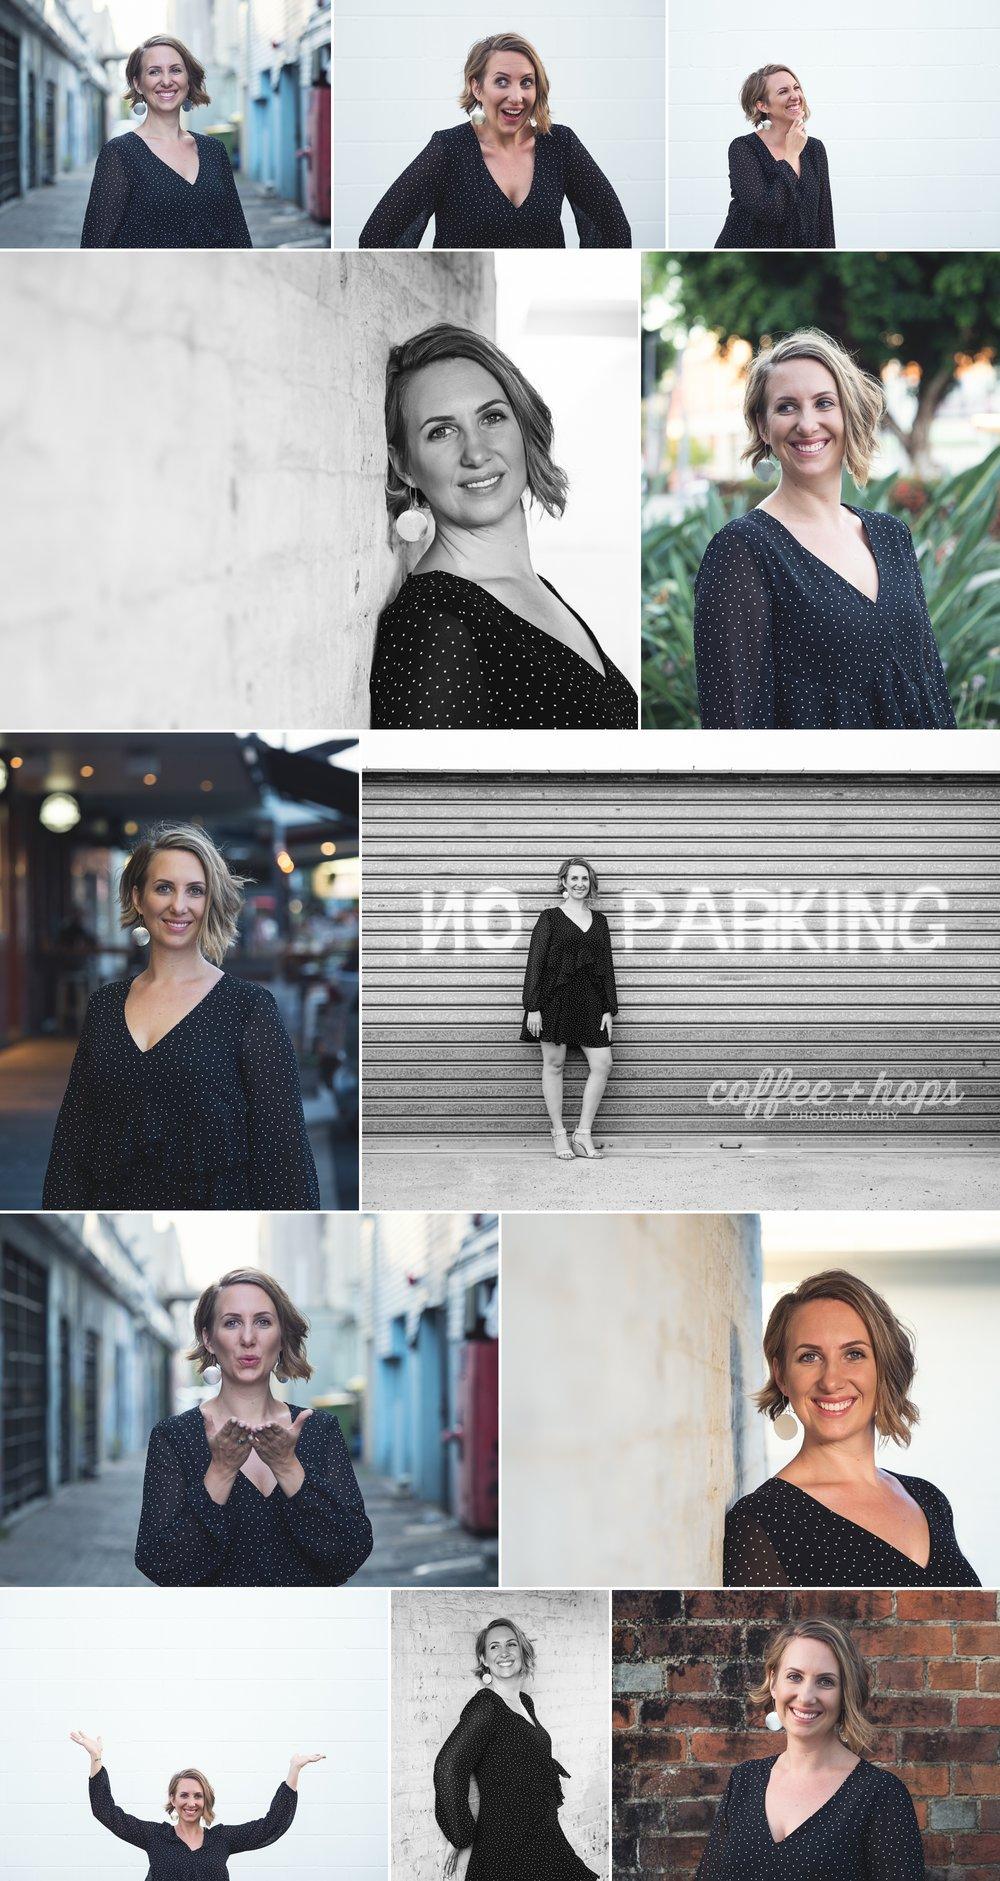 Kelly-Drobek-Portrait-Headshots-in-Mackay-City-Heart.jpg